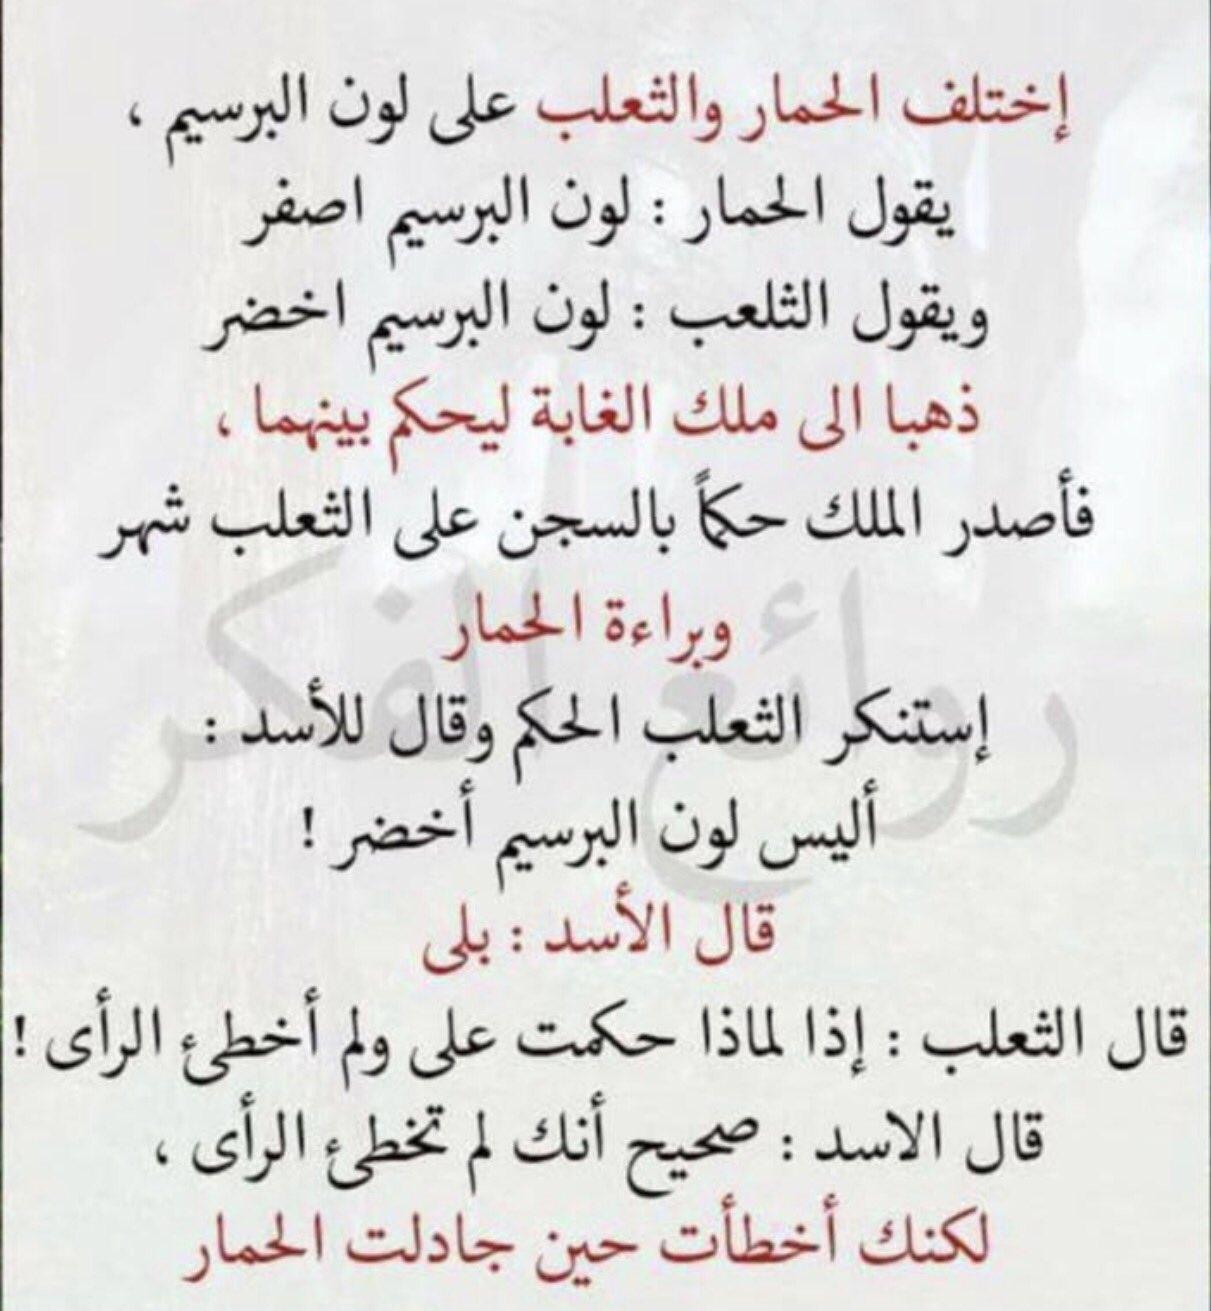 قصة الحمار والثعلب والأسد!